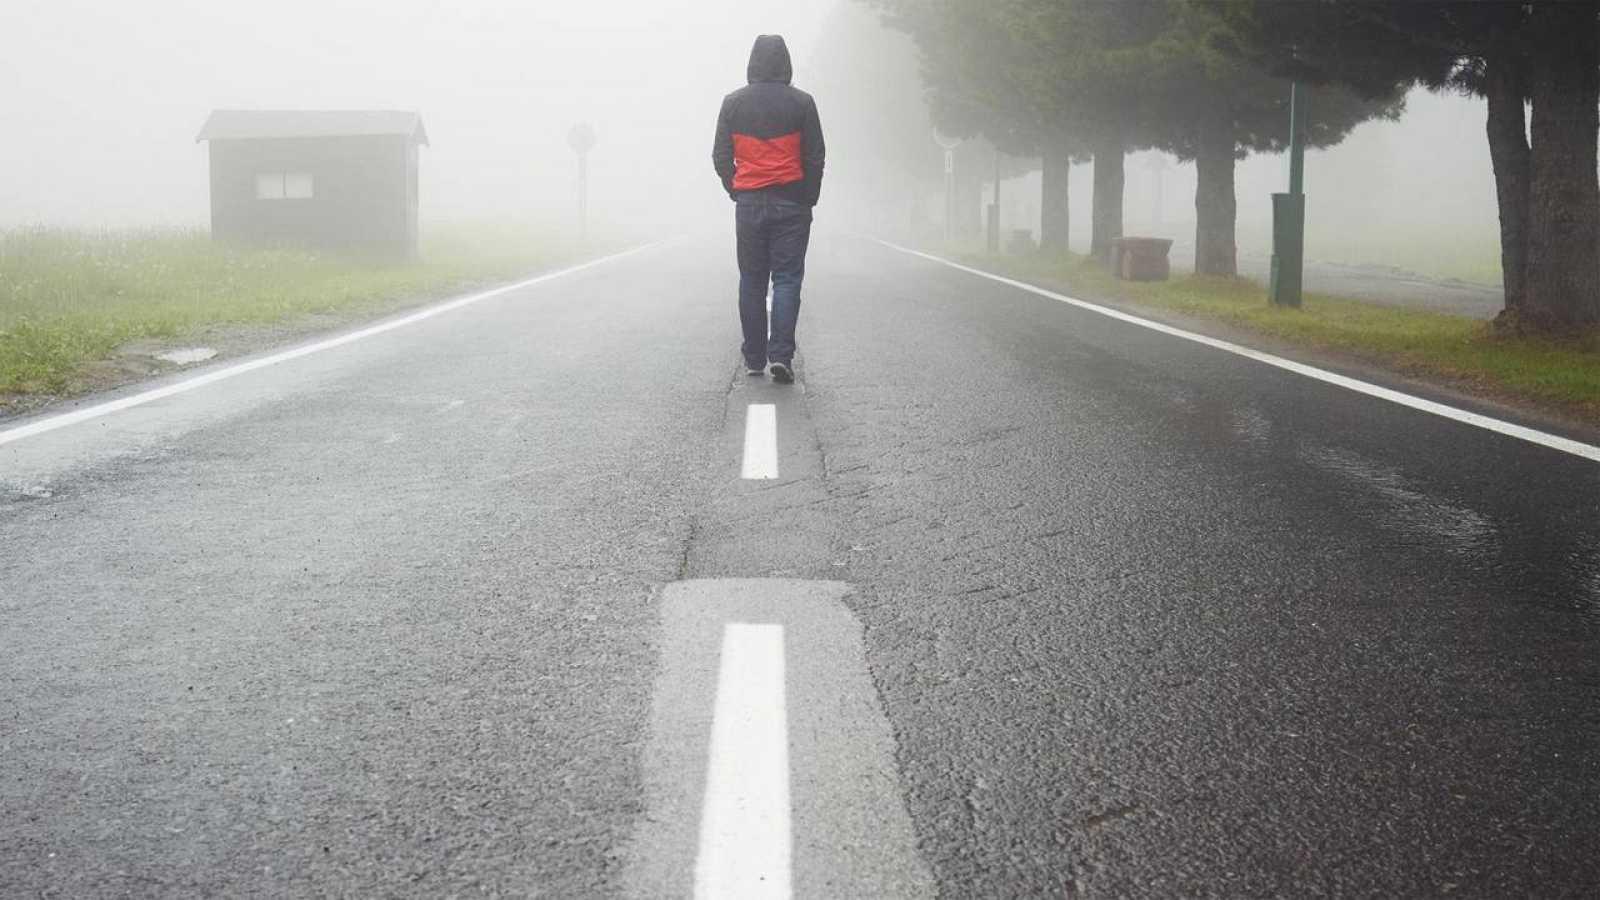 Un hombre camina solitario y de espaldas por una carretera hacia el horizonte, enmedio de la niebla.